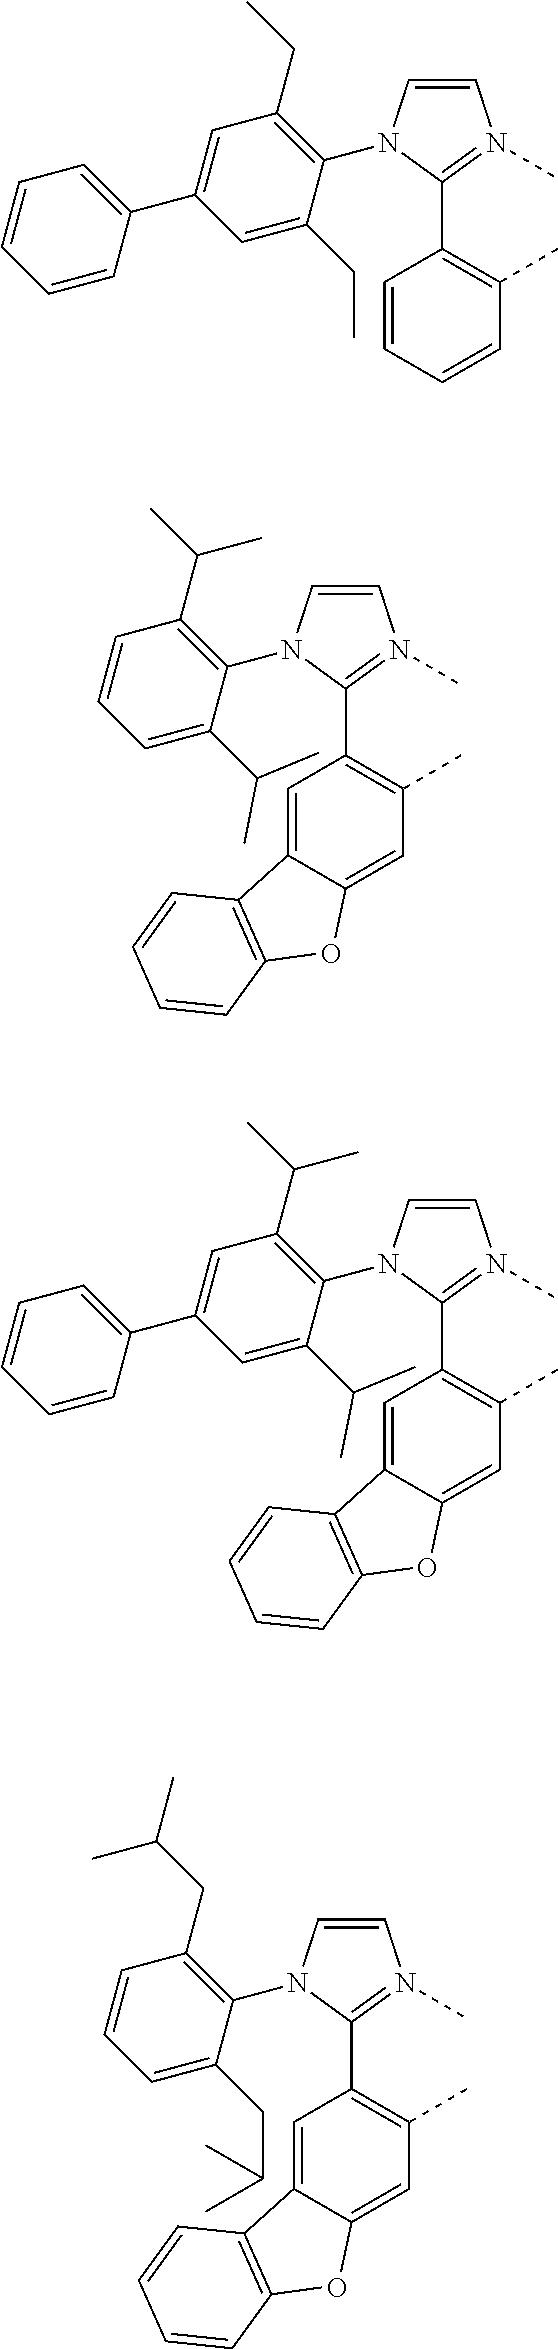 Figure US09773985-20170926-C00272